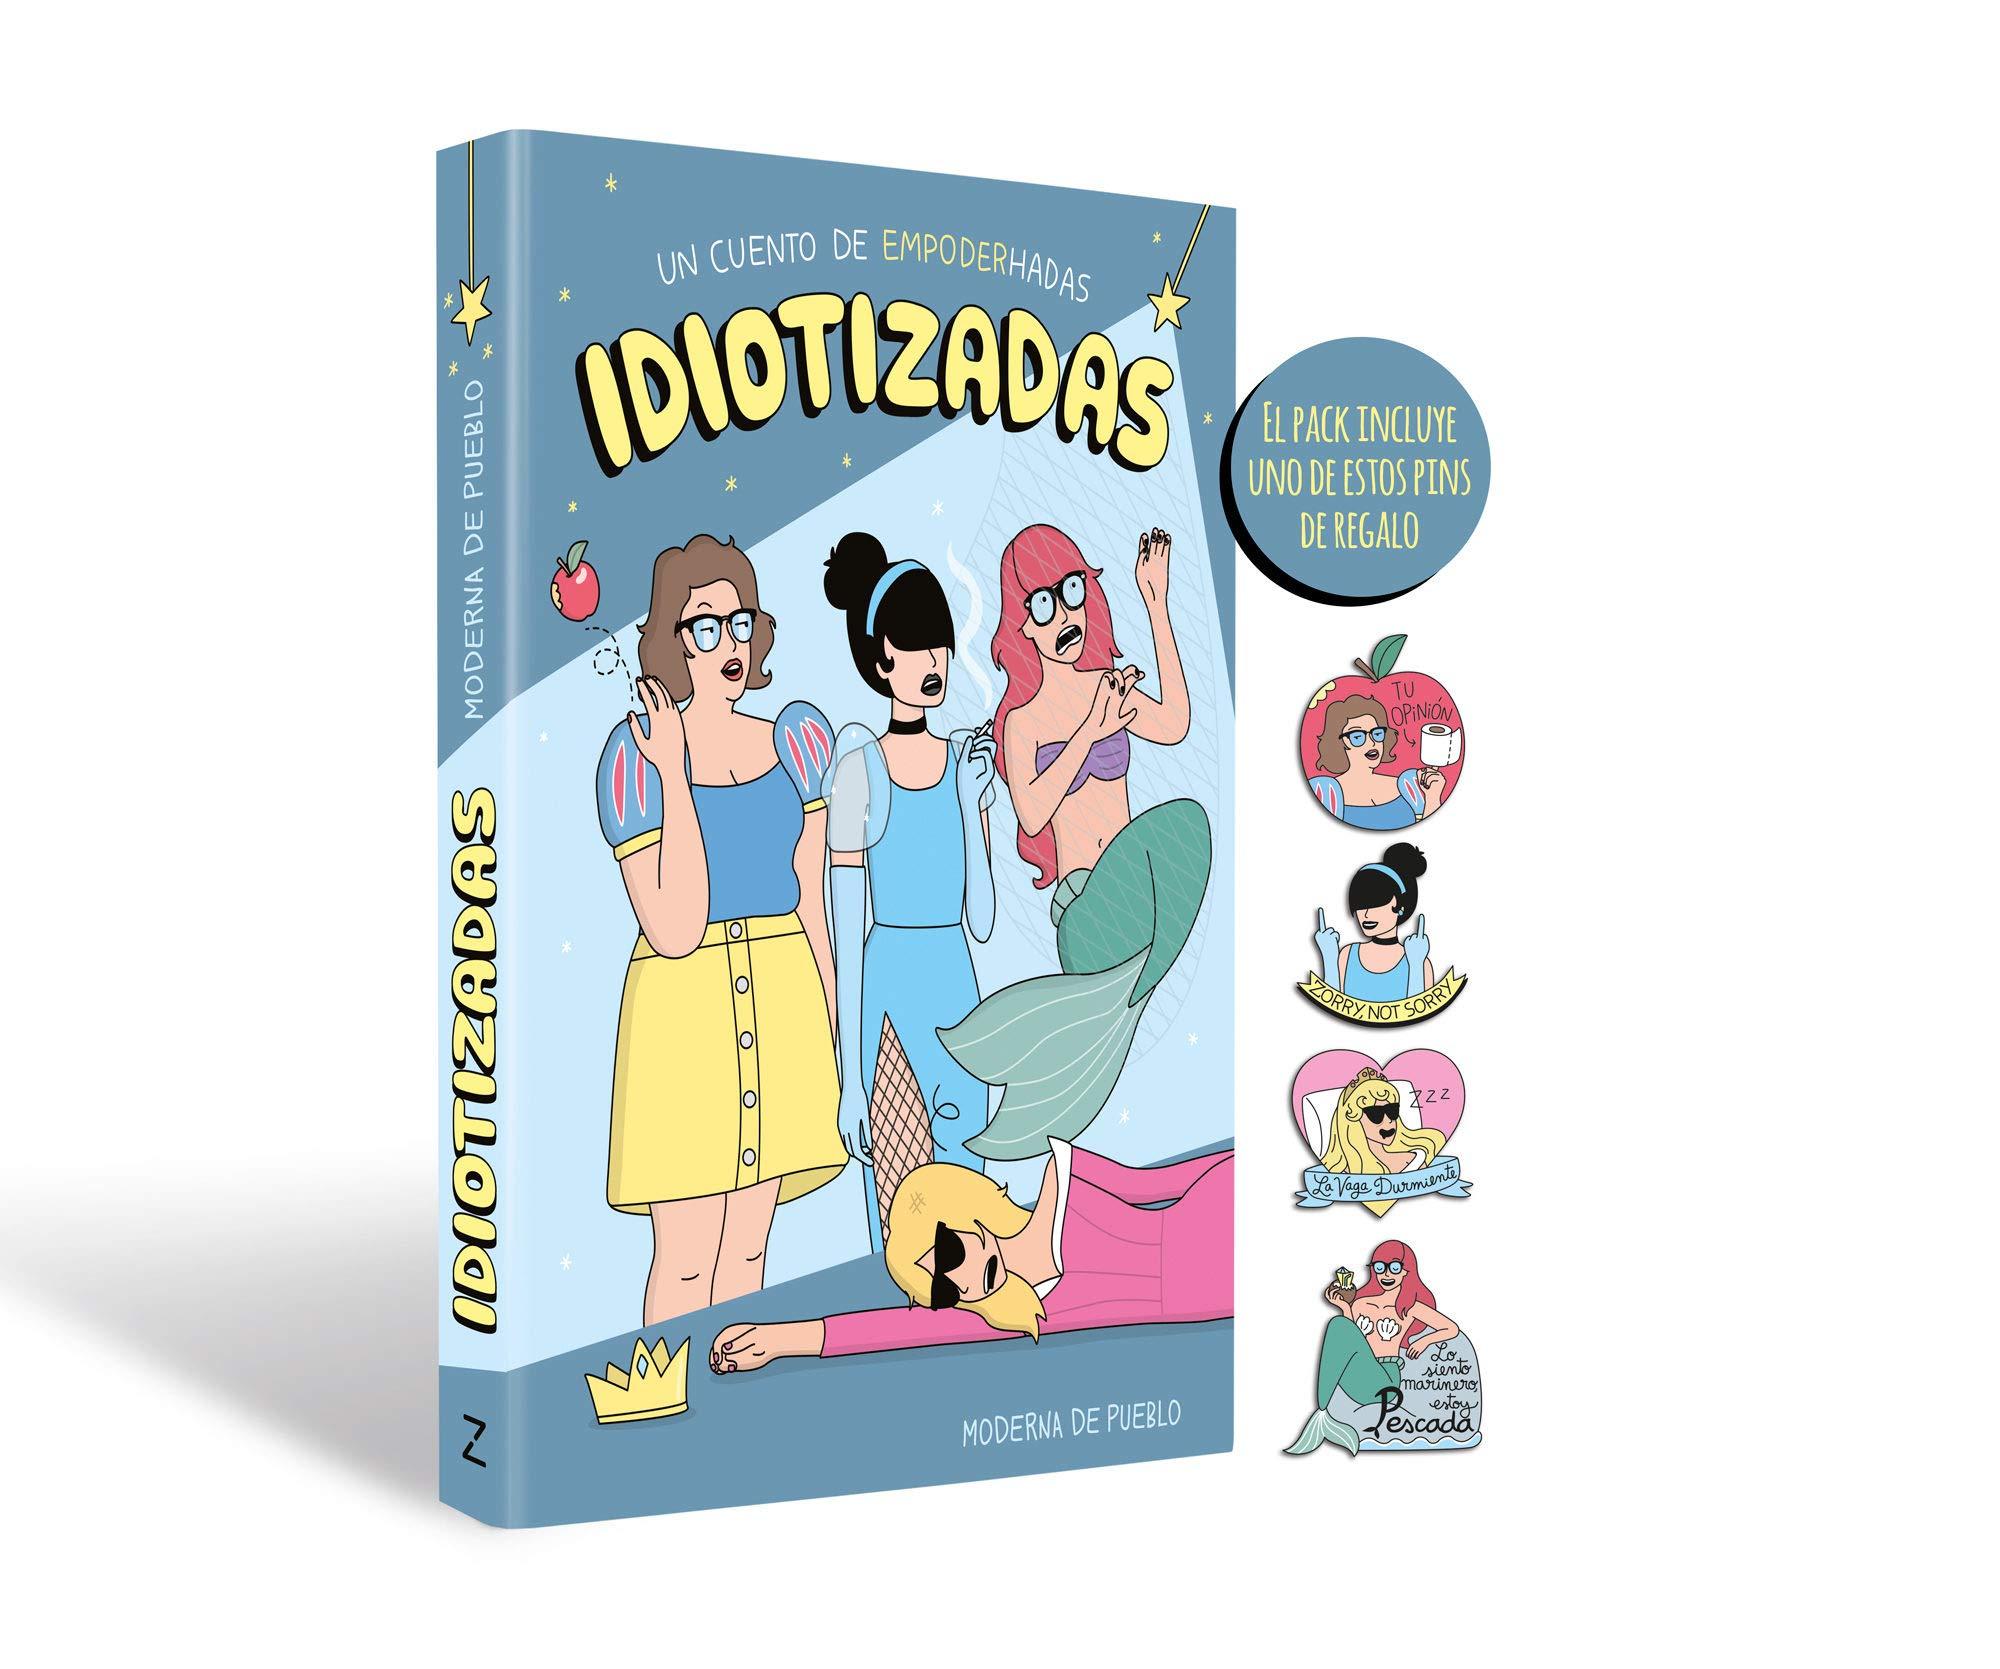 Pack Navidad Idiotizadas: Amazon.es: MODERNA DE PUEBLO: Libros